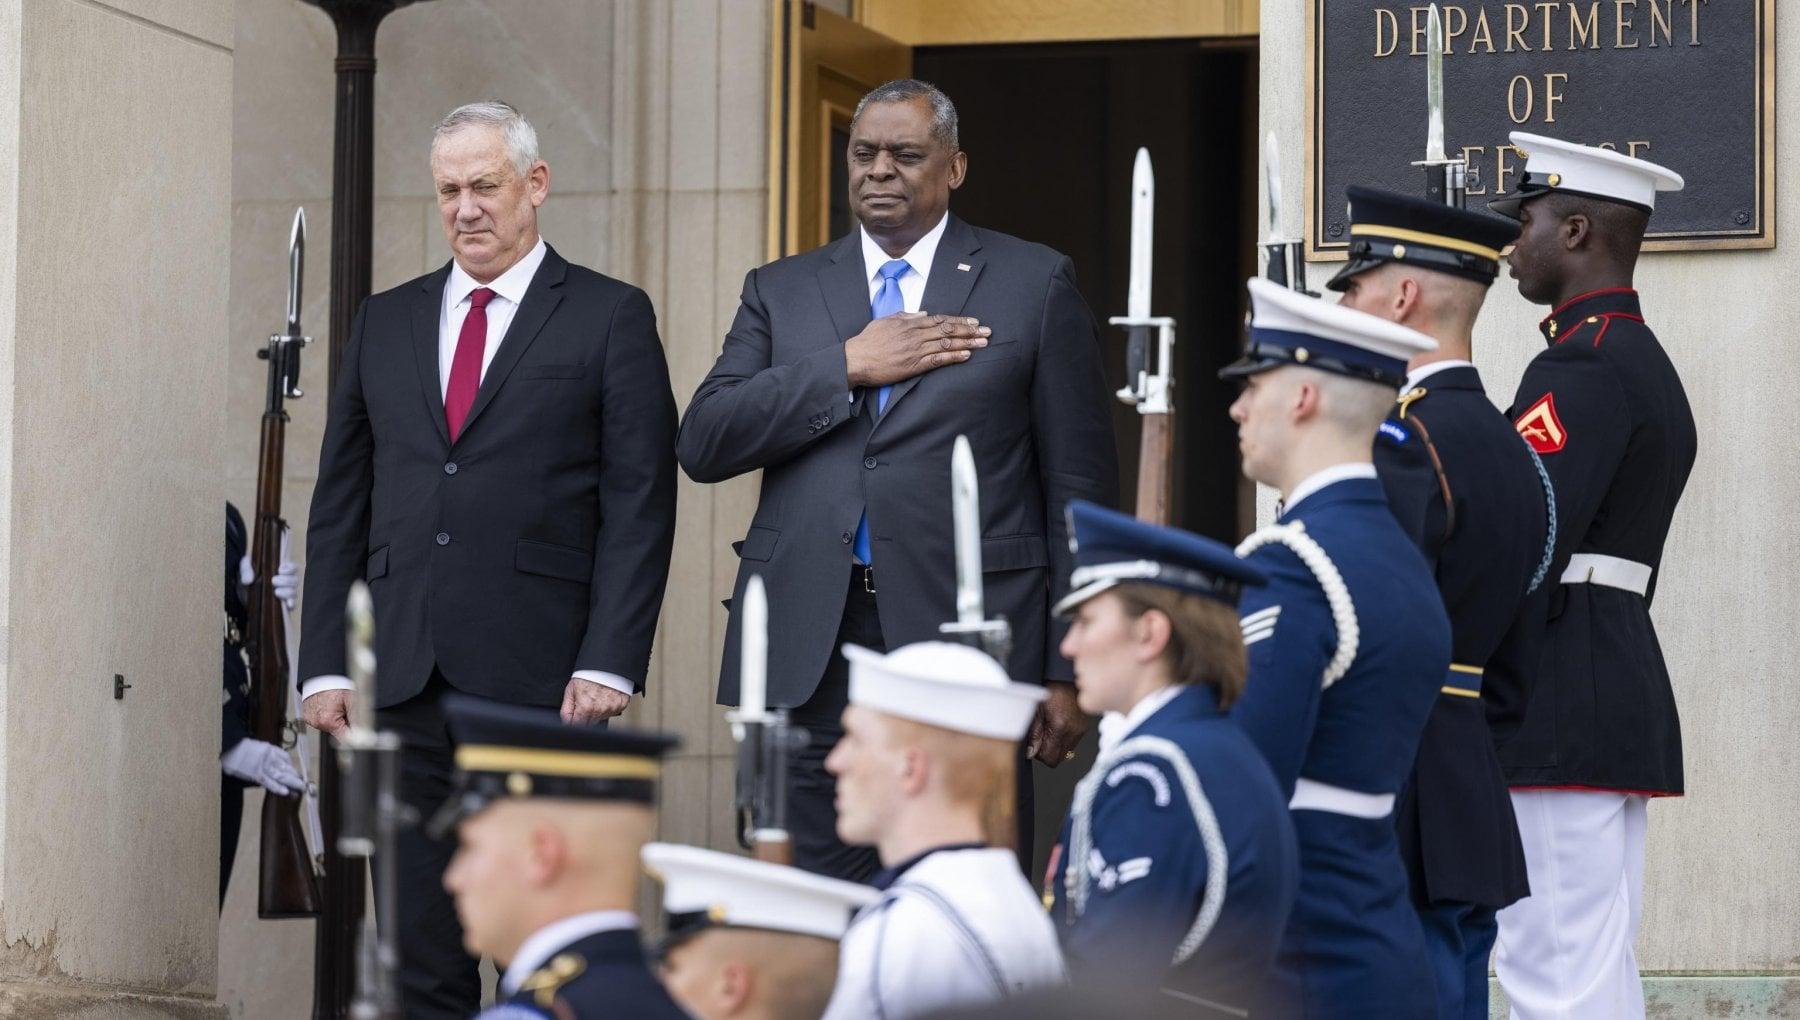 115659946 ec1fb319 ca3b 447f 88a8 62fa43a077f7 - Usa, il Pentagono conferma la decisione Trump: no alle bandiere arcobaleno nelle basi militari